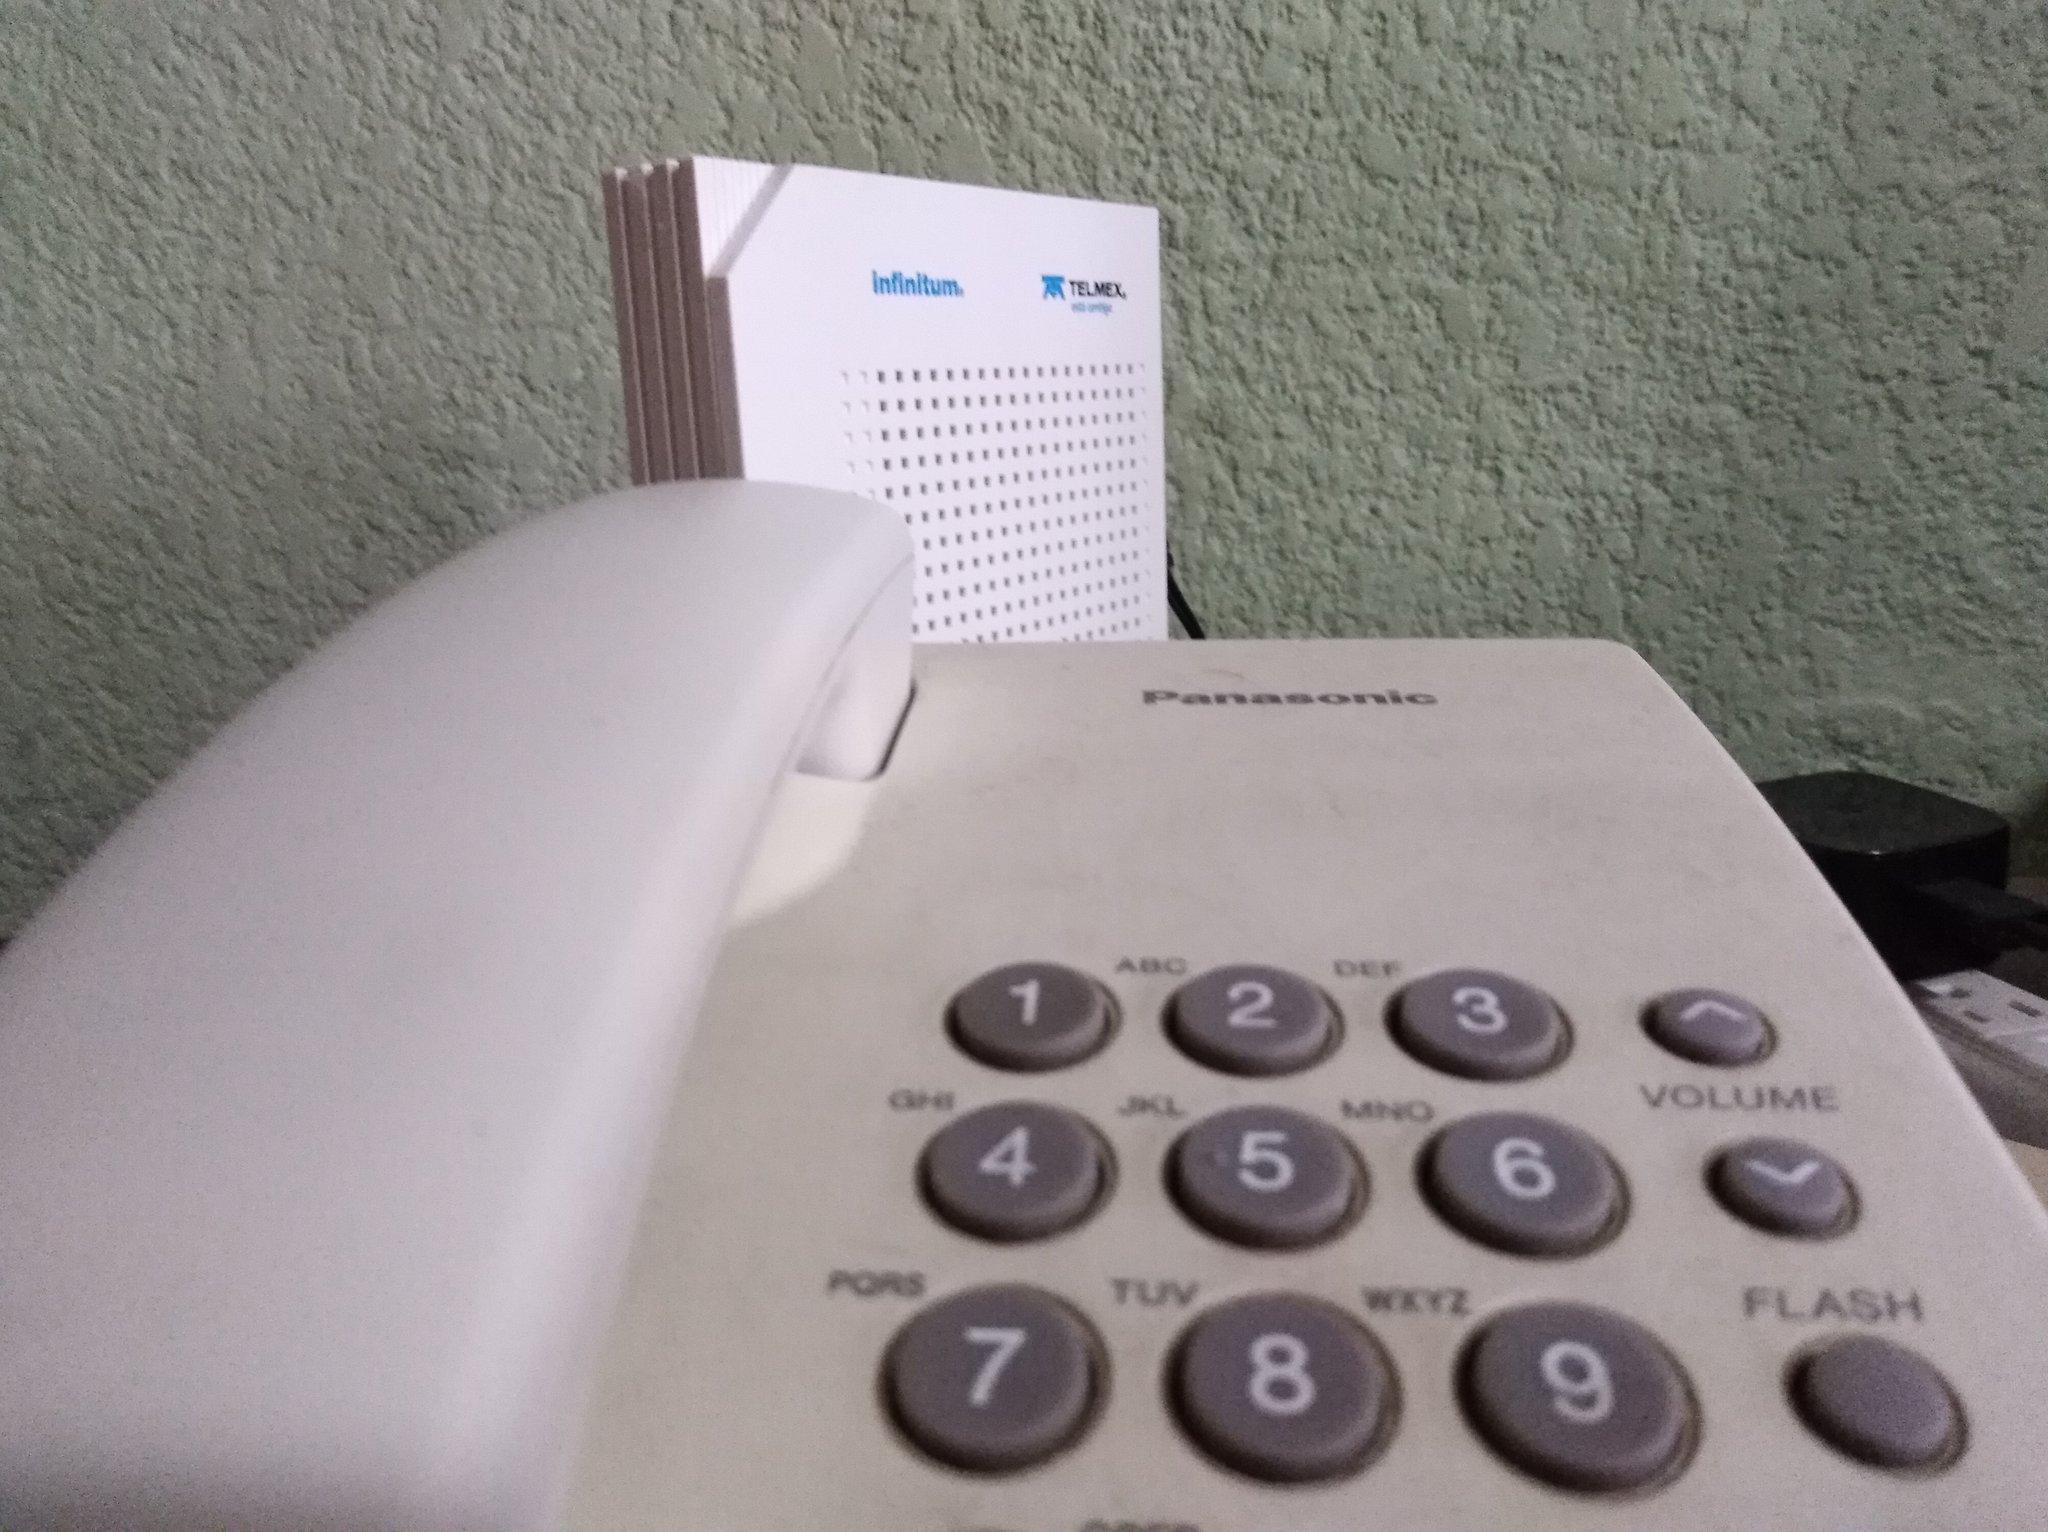 Falla masiva en servicio de internet de Telmex